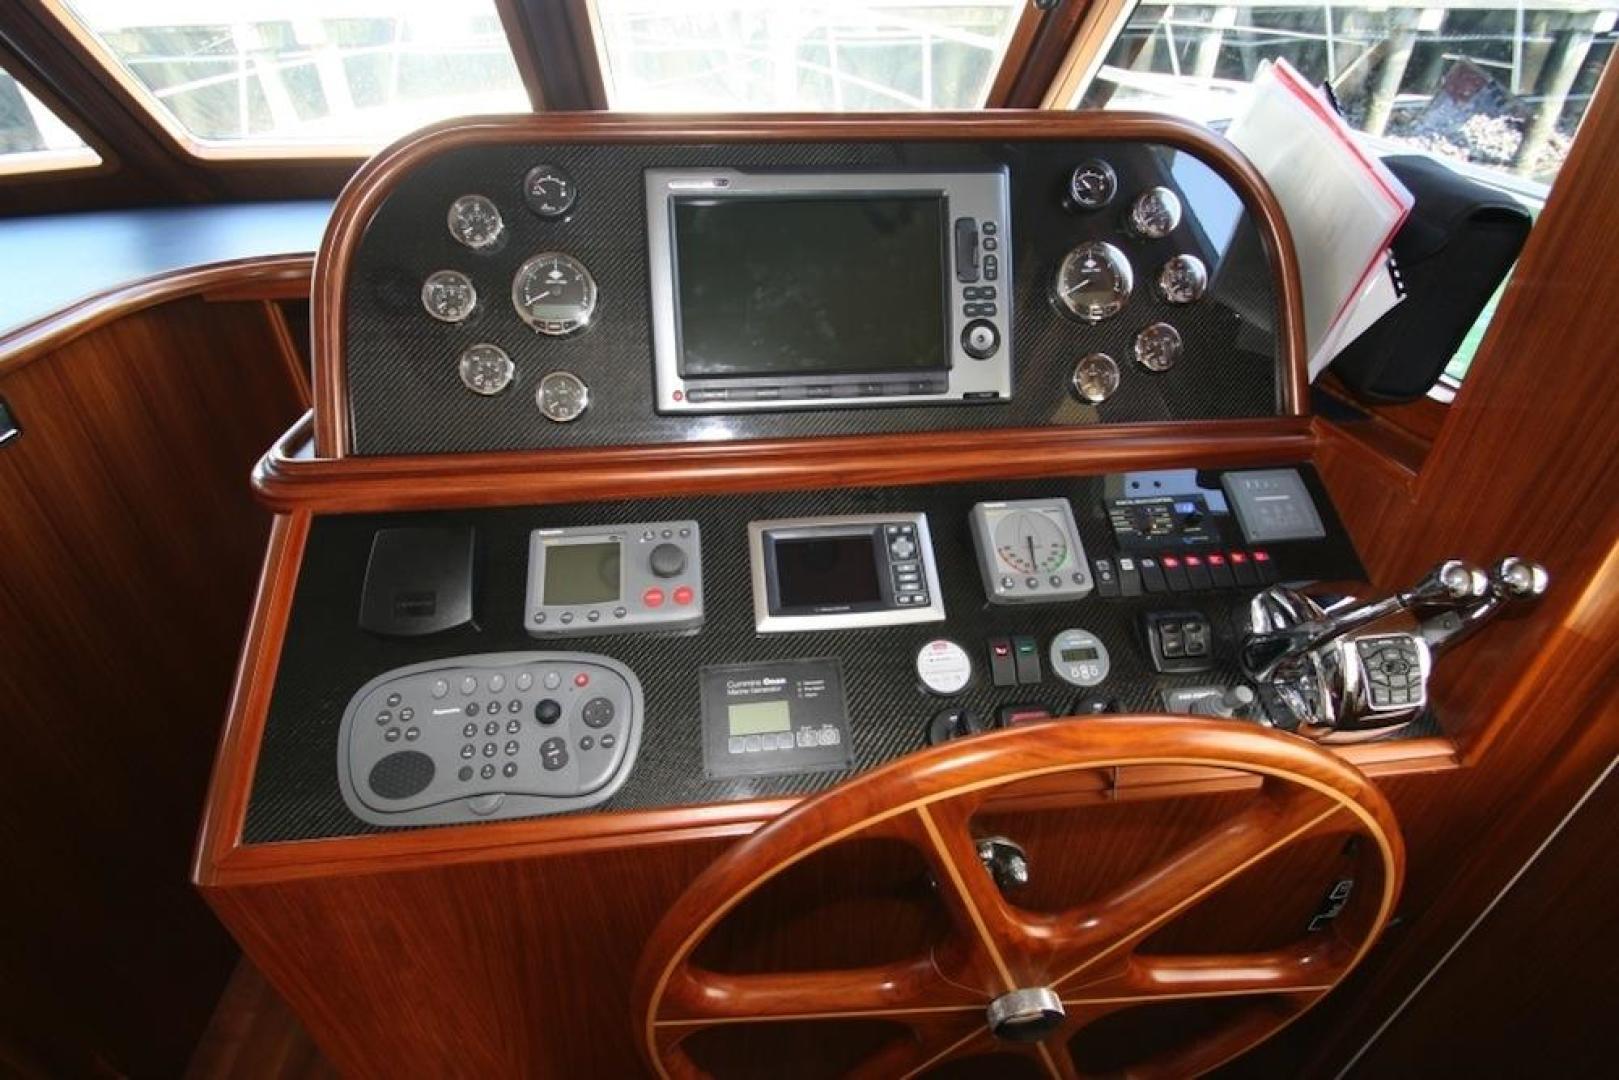 Clipper Motor Yachts-Cordova 52 2011 -Unknown-Singapore-Clipper Motor Yachts Cordova 52-385787 | Thumbnail